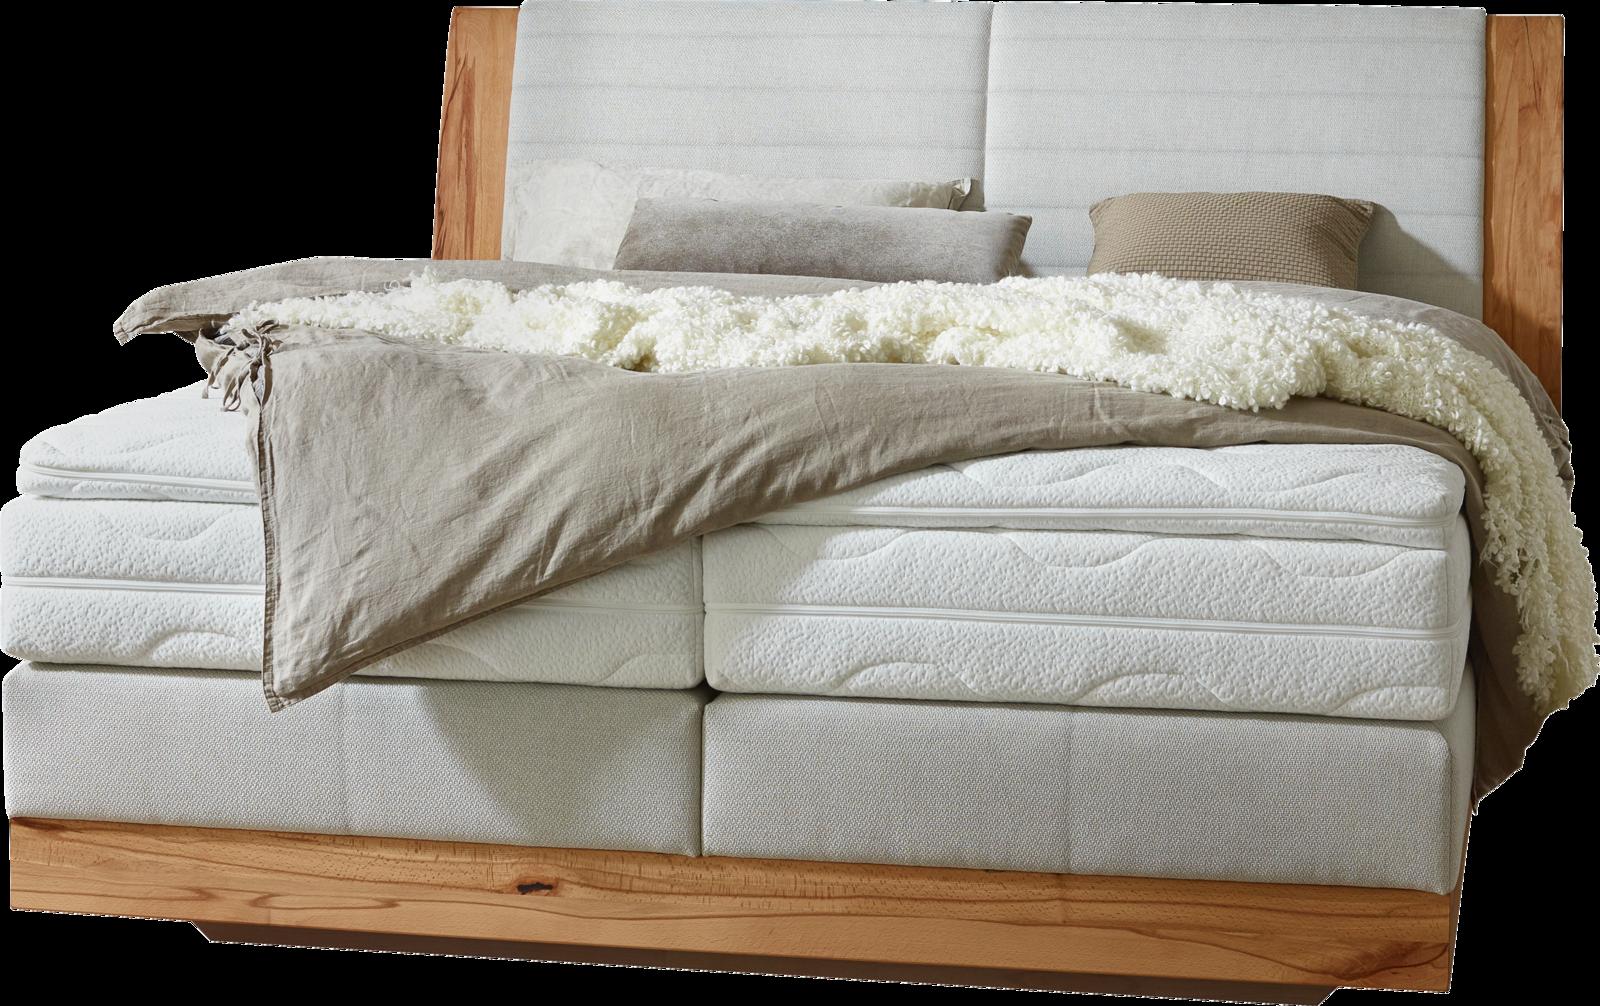 Boxspringbett in hellgrauem Stoff und geschichtetem Matratzenaufbau, Massivholzumrandung am Kopfhaupt und Holzsockel